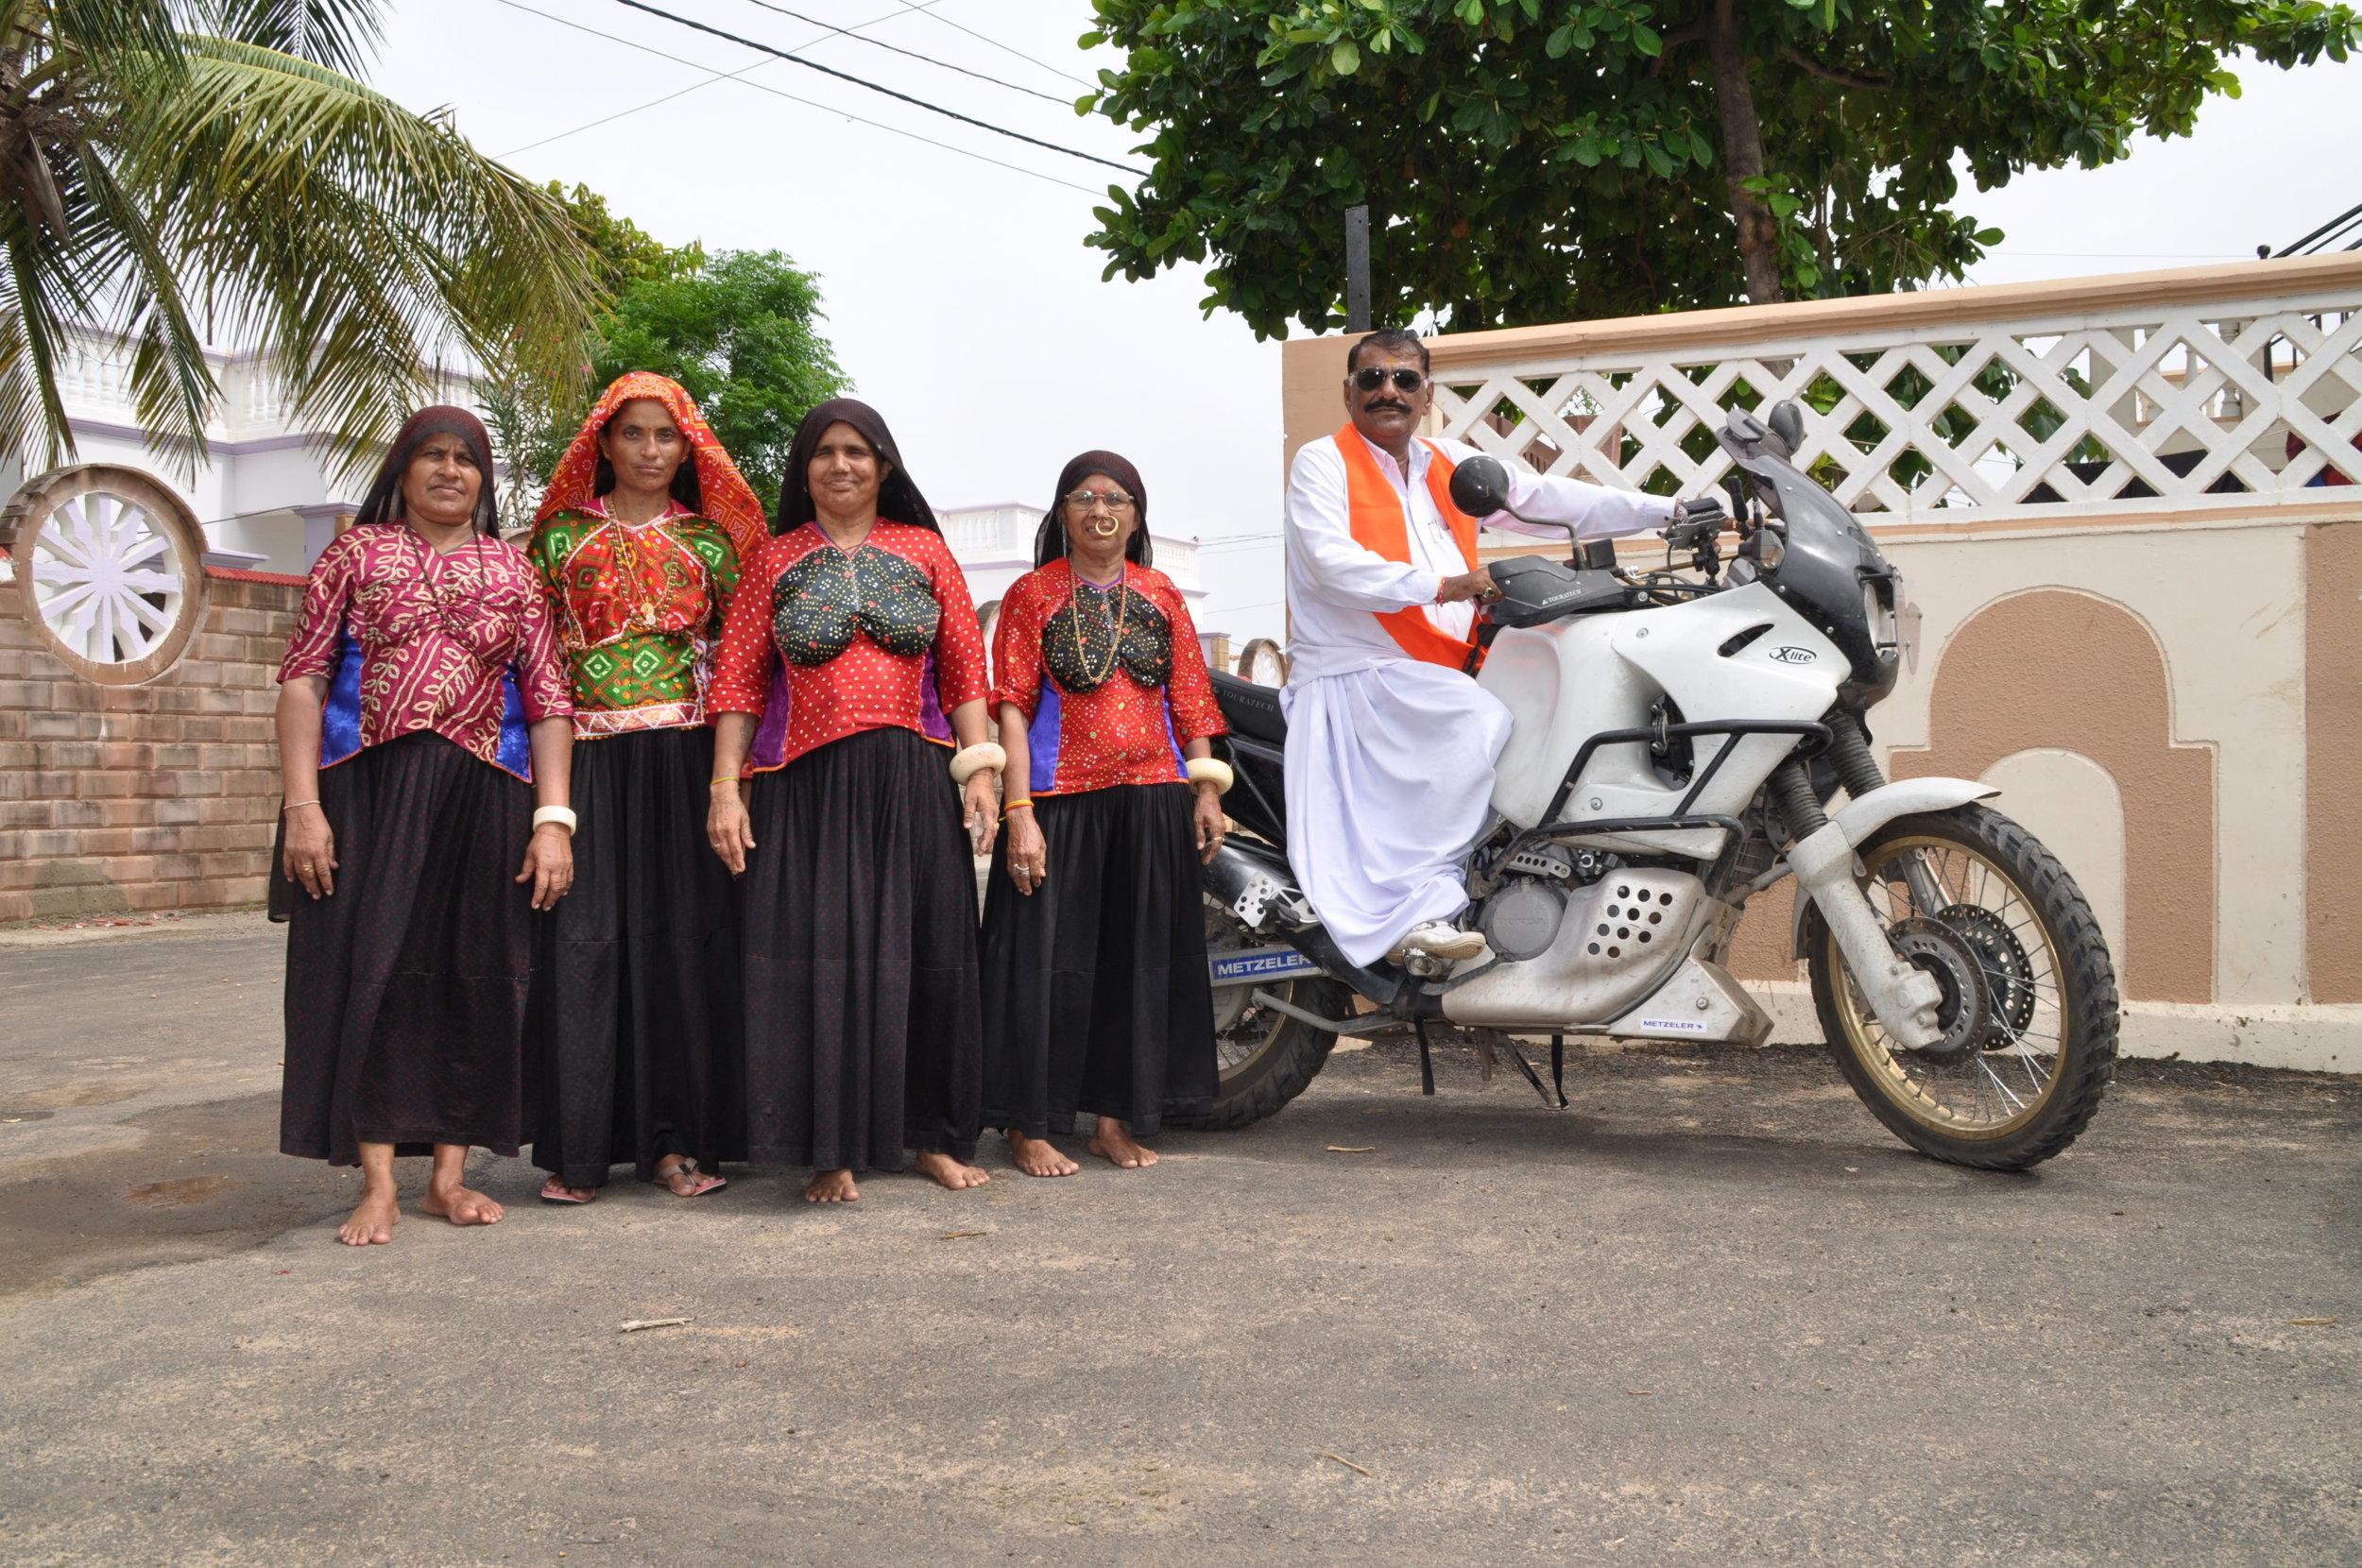 Der Minister für Soziales der indischen Provinz Gujarat-Vasnabai Ahir mit Frauen seiner Familie, stolz auf meinem Motorrad.JPG